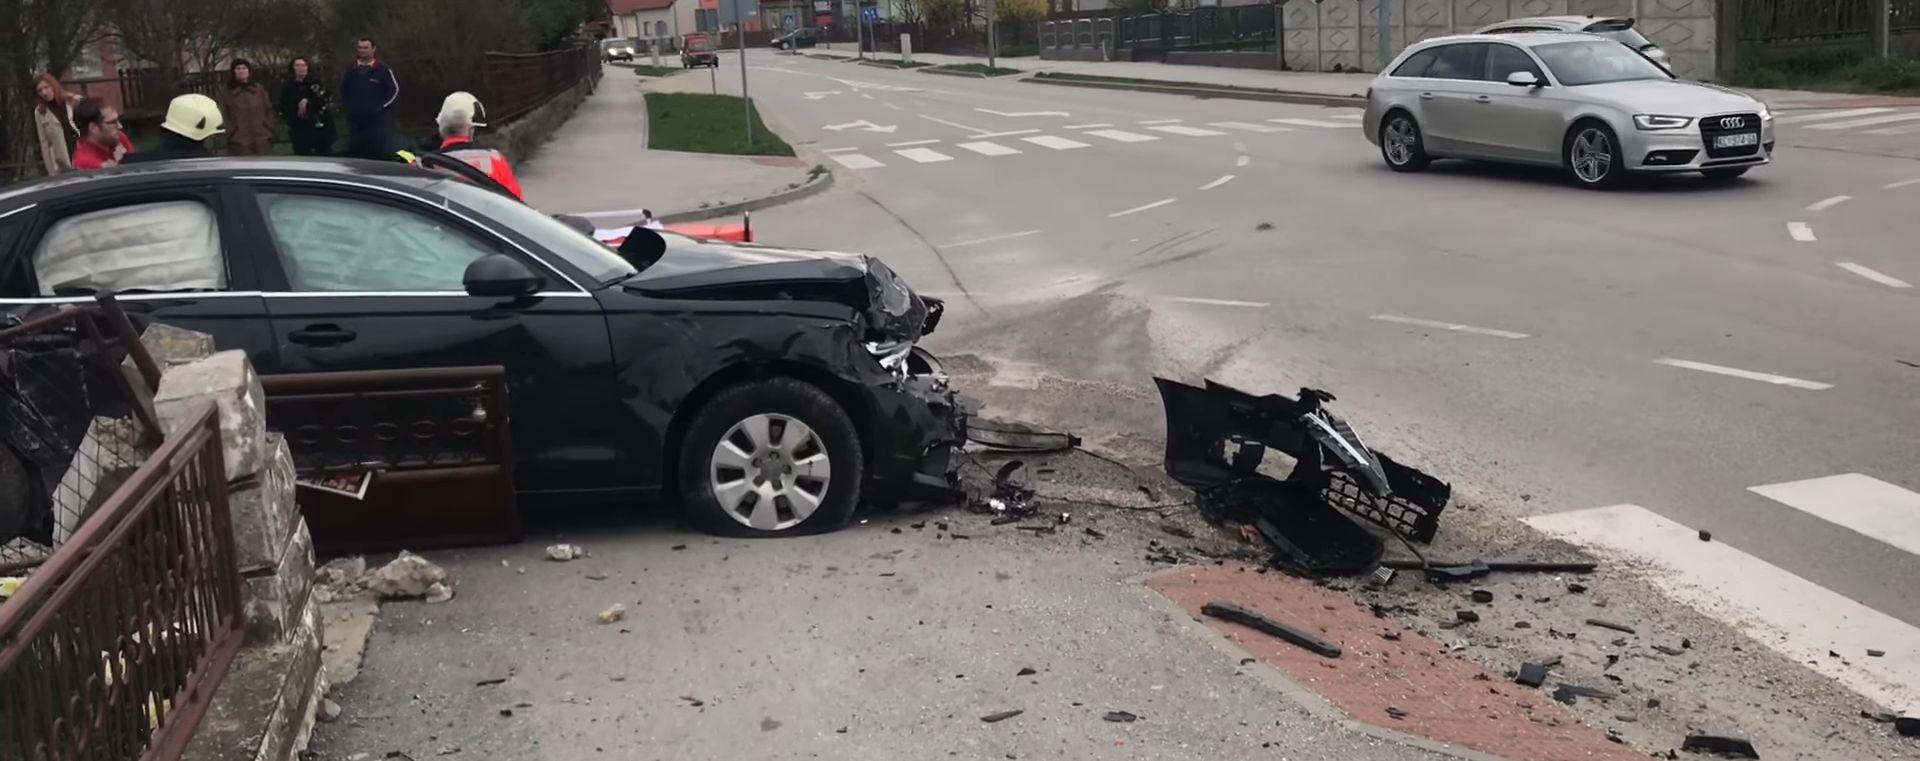 Teška nesreća u Koprivnici, jedna osoba teško ozlijeđena